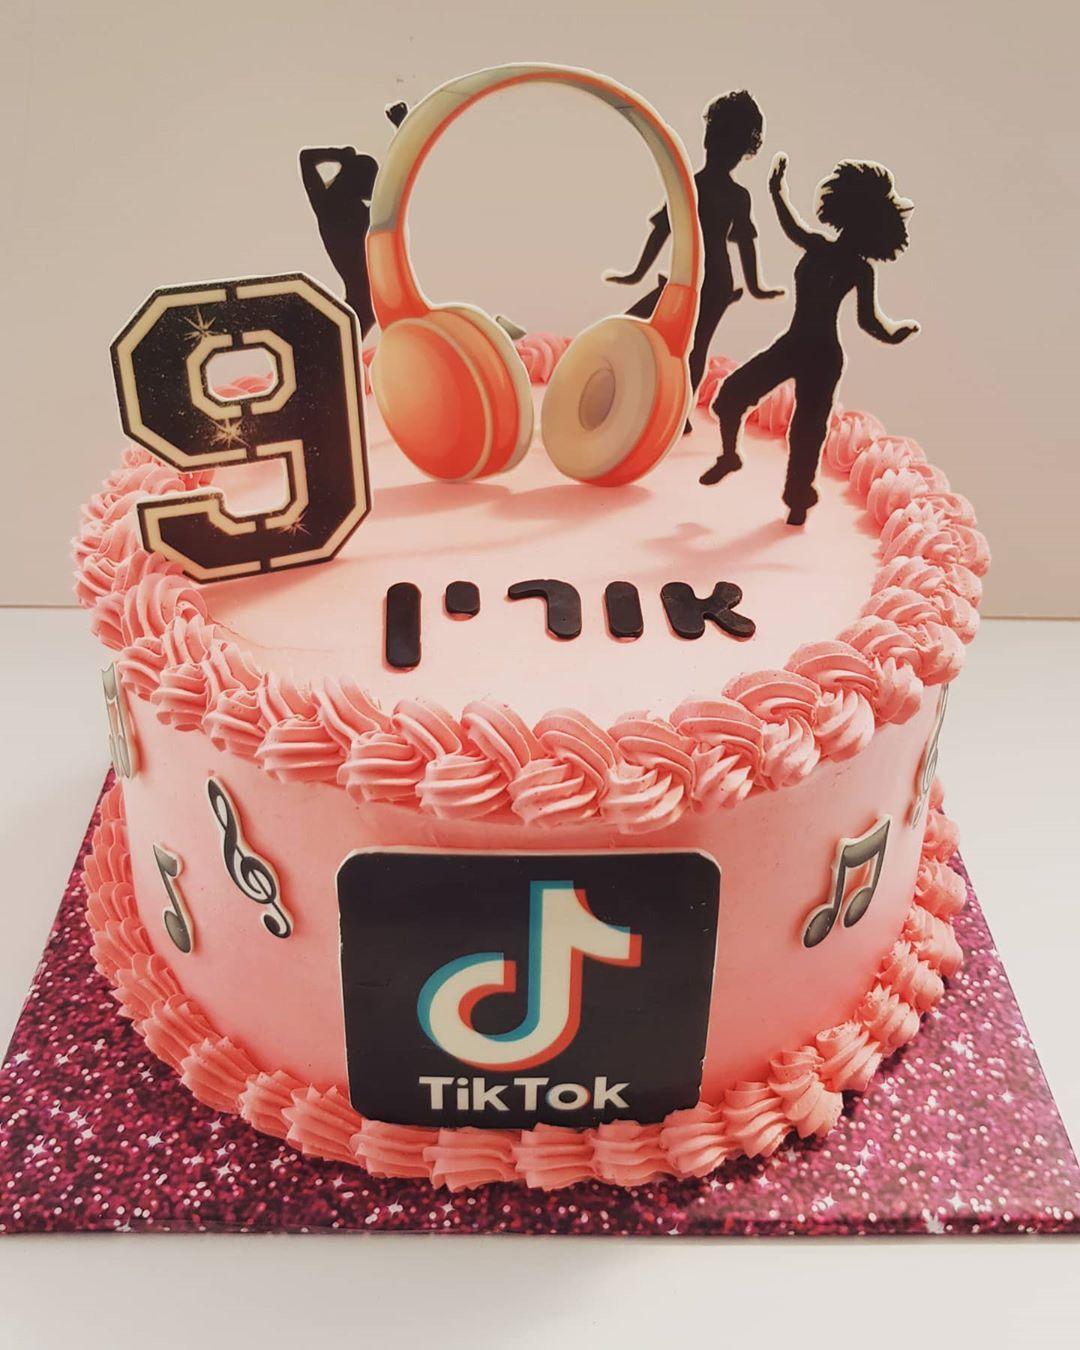 ה Tik Tok מכה שנית 12th Birthday Cake Birthday Cakes For Teens Candy Birthday Cakes